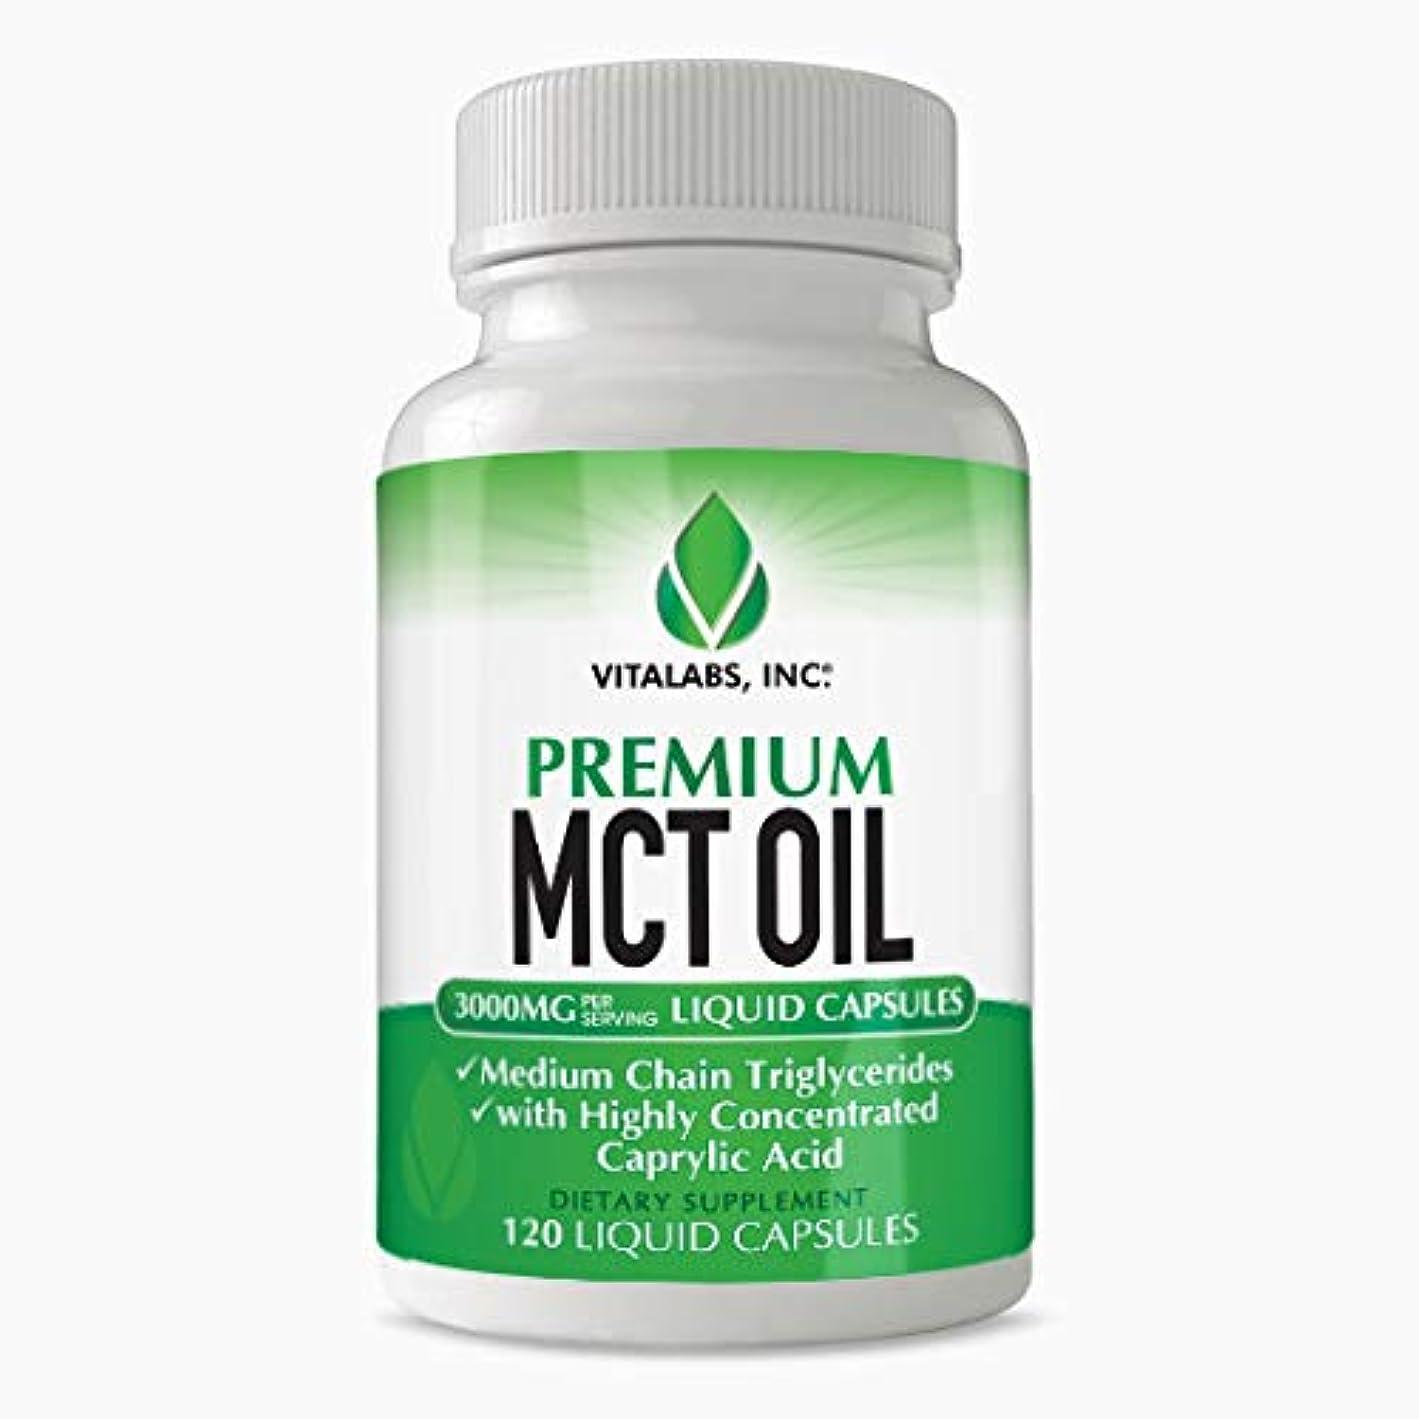 突撃しなやか歩道取りやすいジェルカプセルタイプ?ココナッツ由来-MCT オイル/3000mg(1Serving) 120Capsules 【Vitalabs.MCT Oil】 (3)